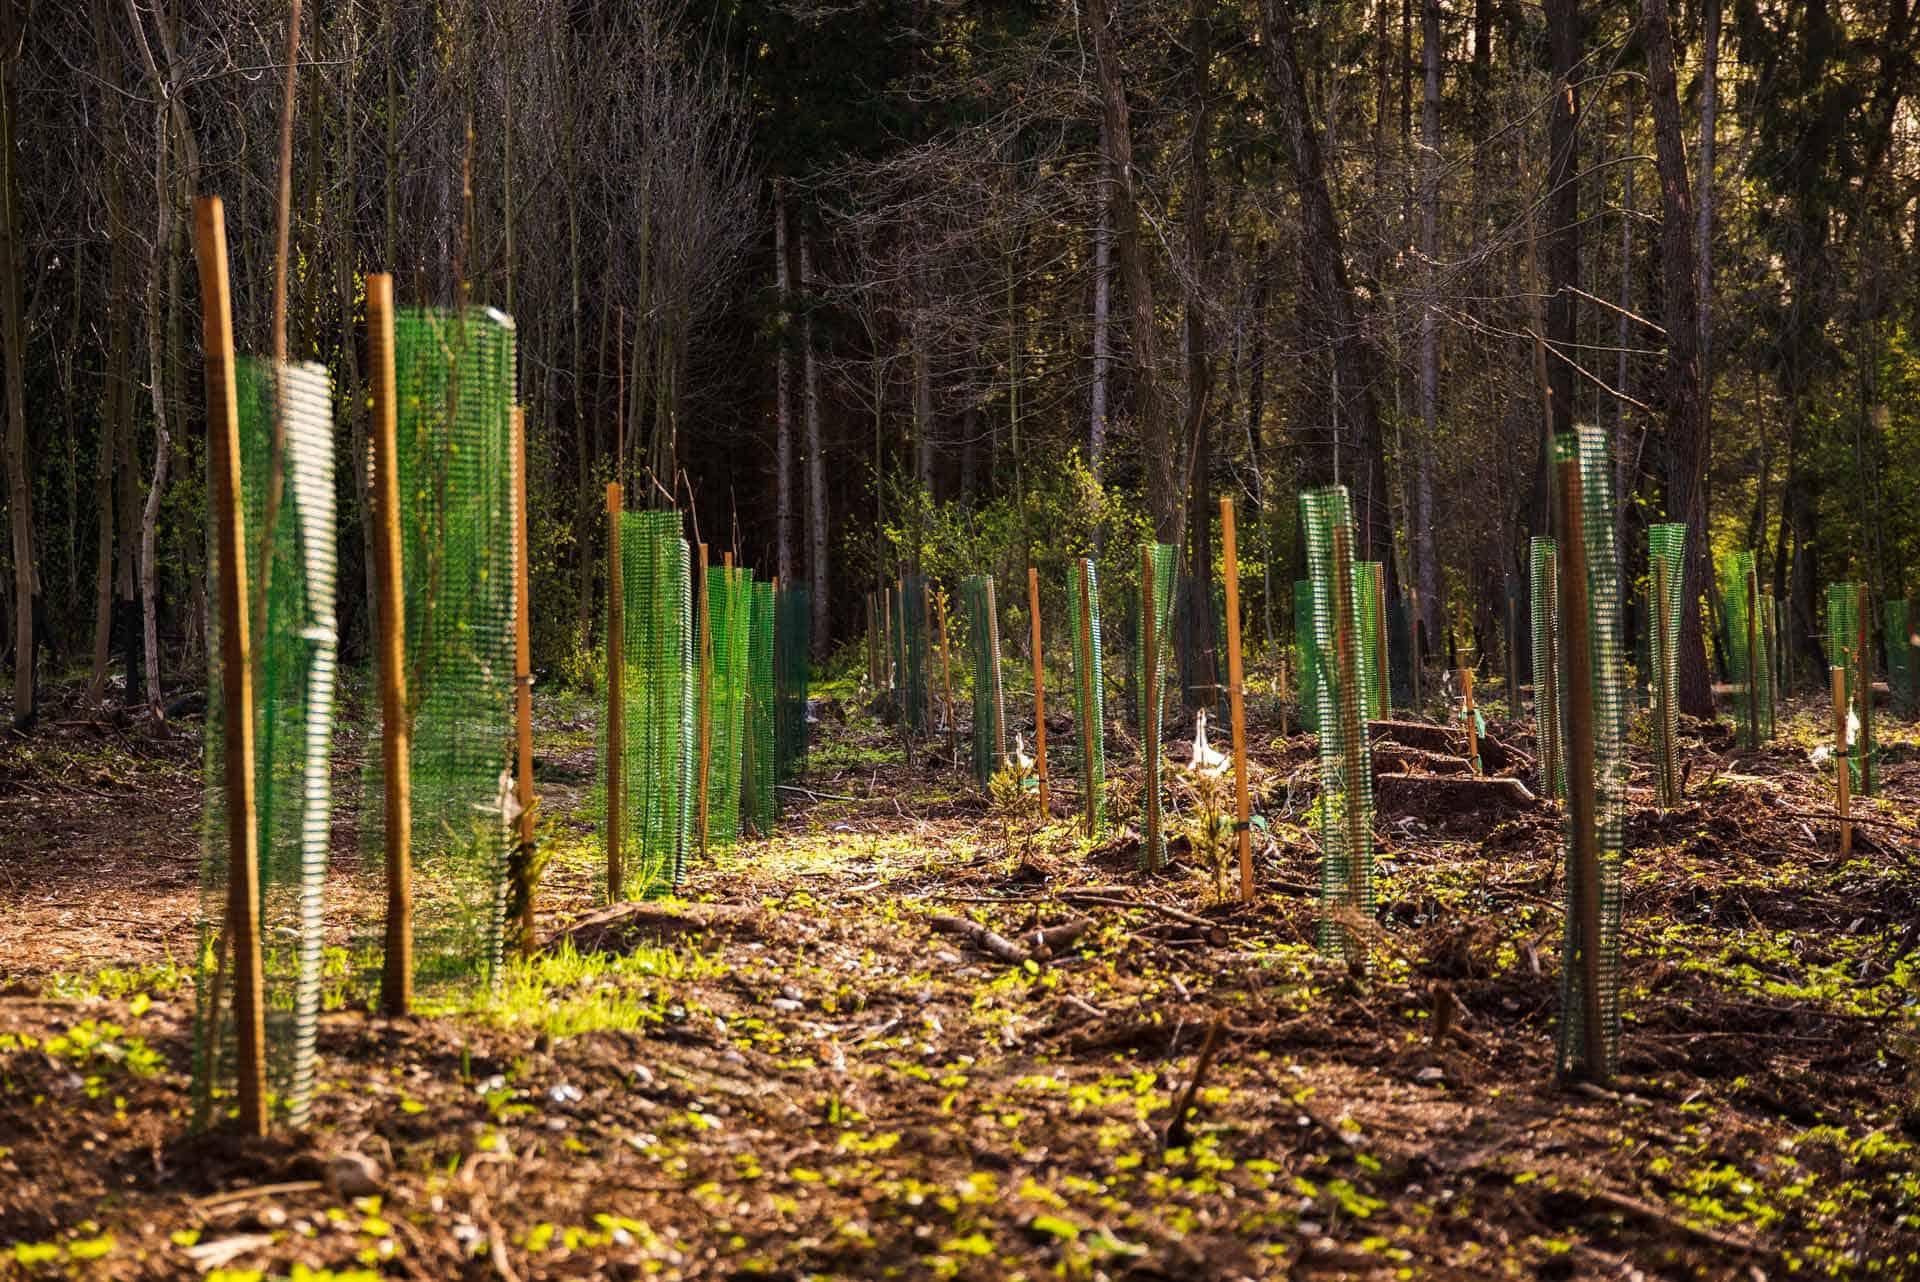 træplantning i skoven